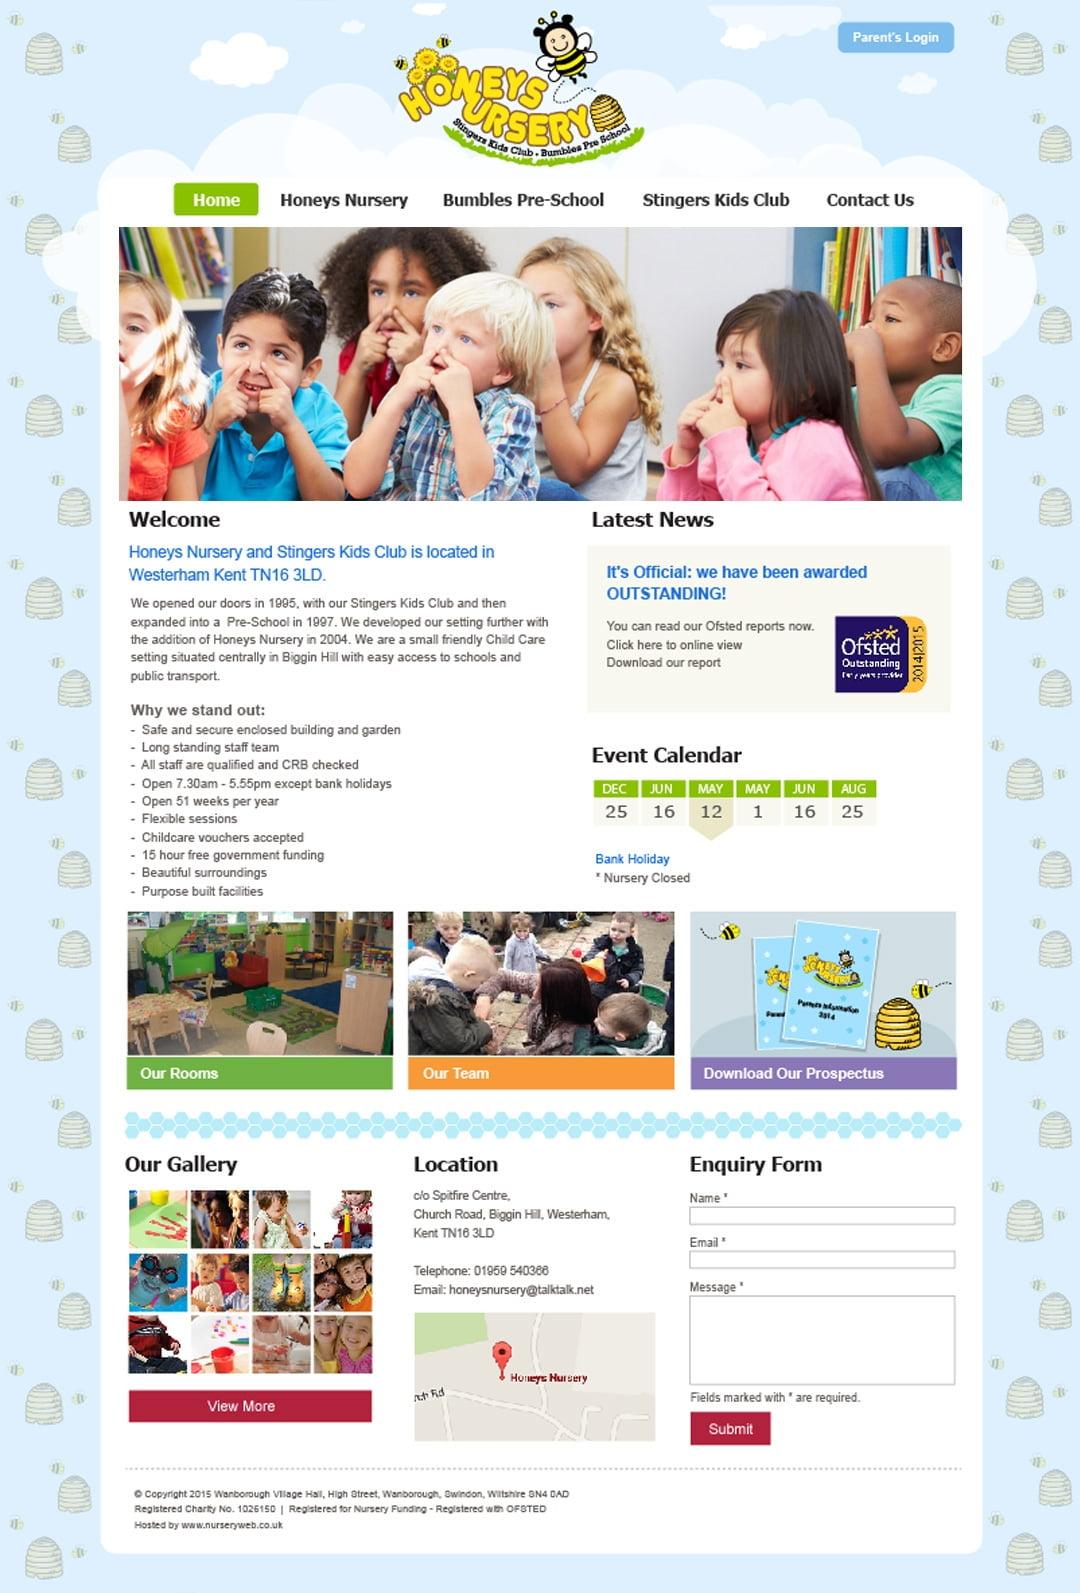 Honeys Nursery and Stingers Kids Club